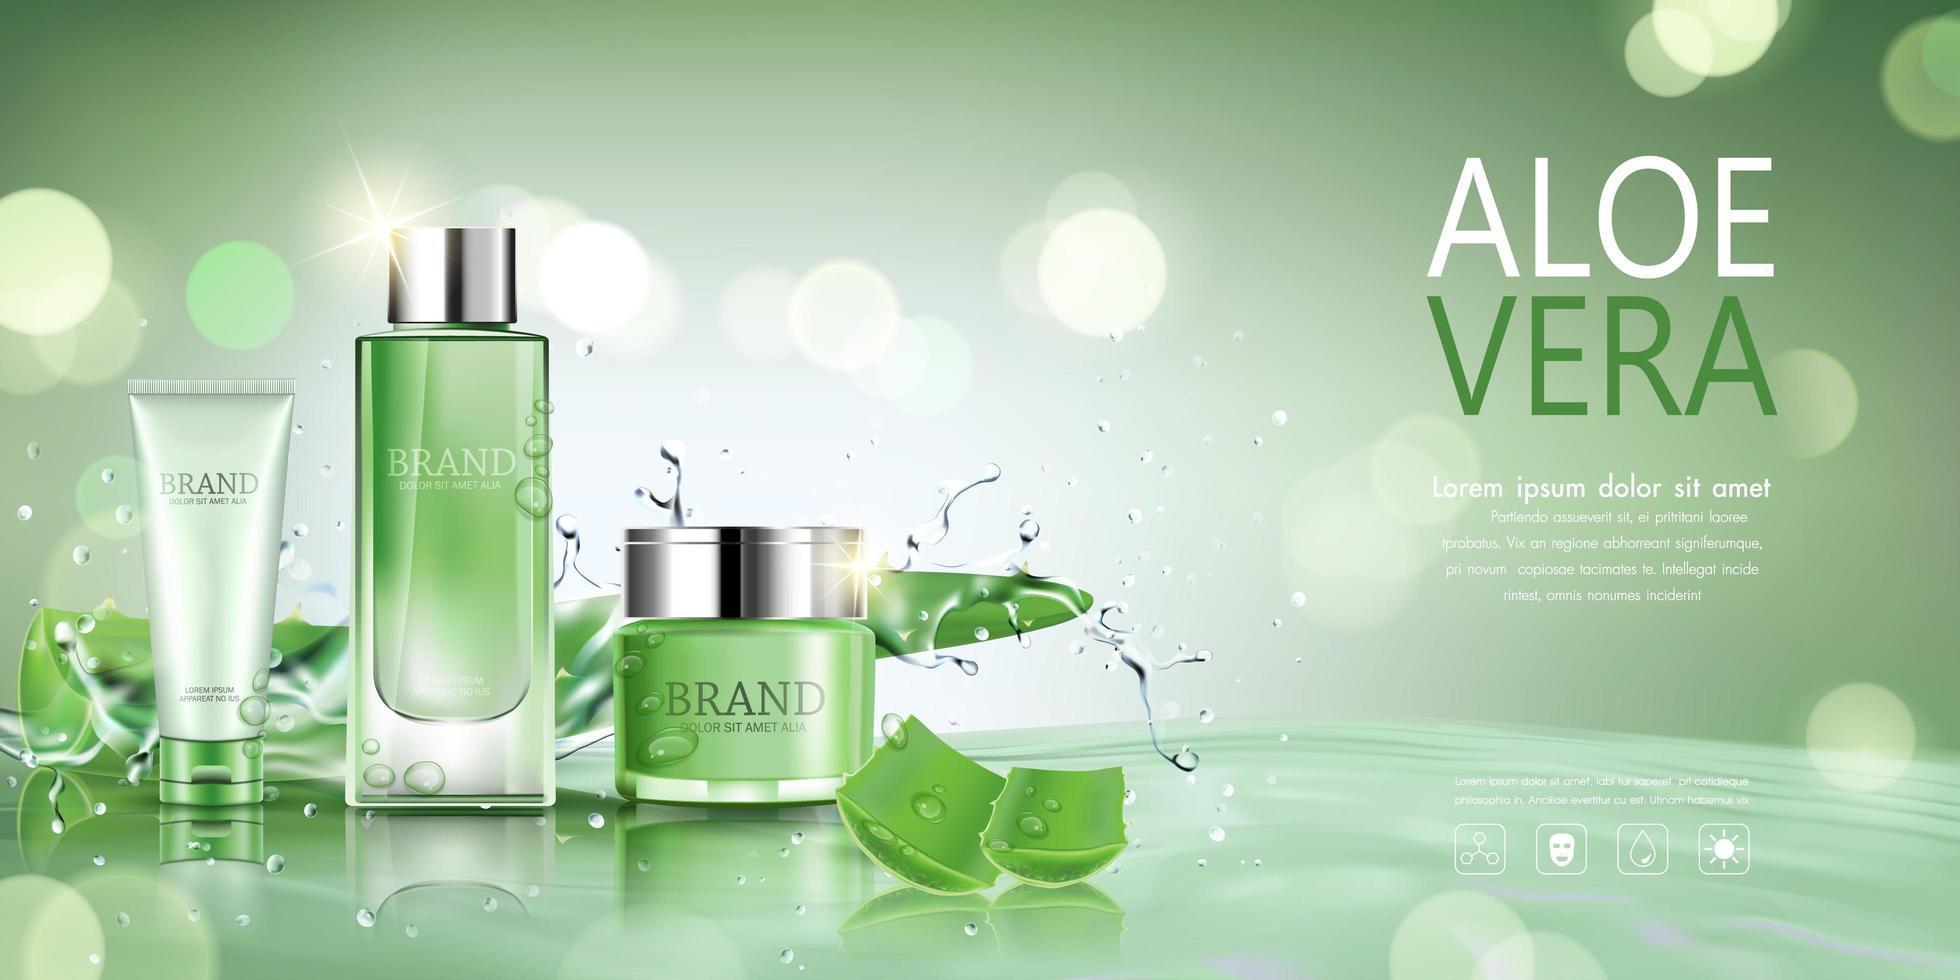 Kosmetikflasche mit Aloe Vera und Wasserhintergrund vektor